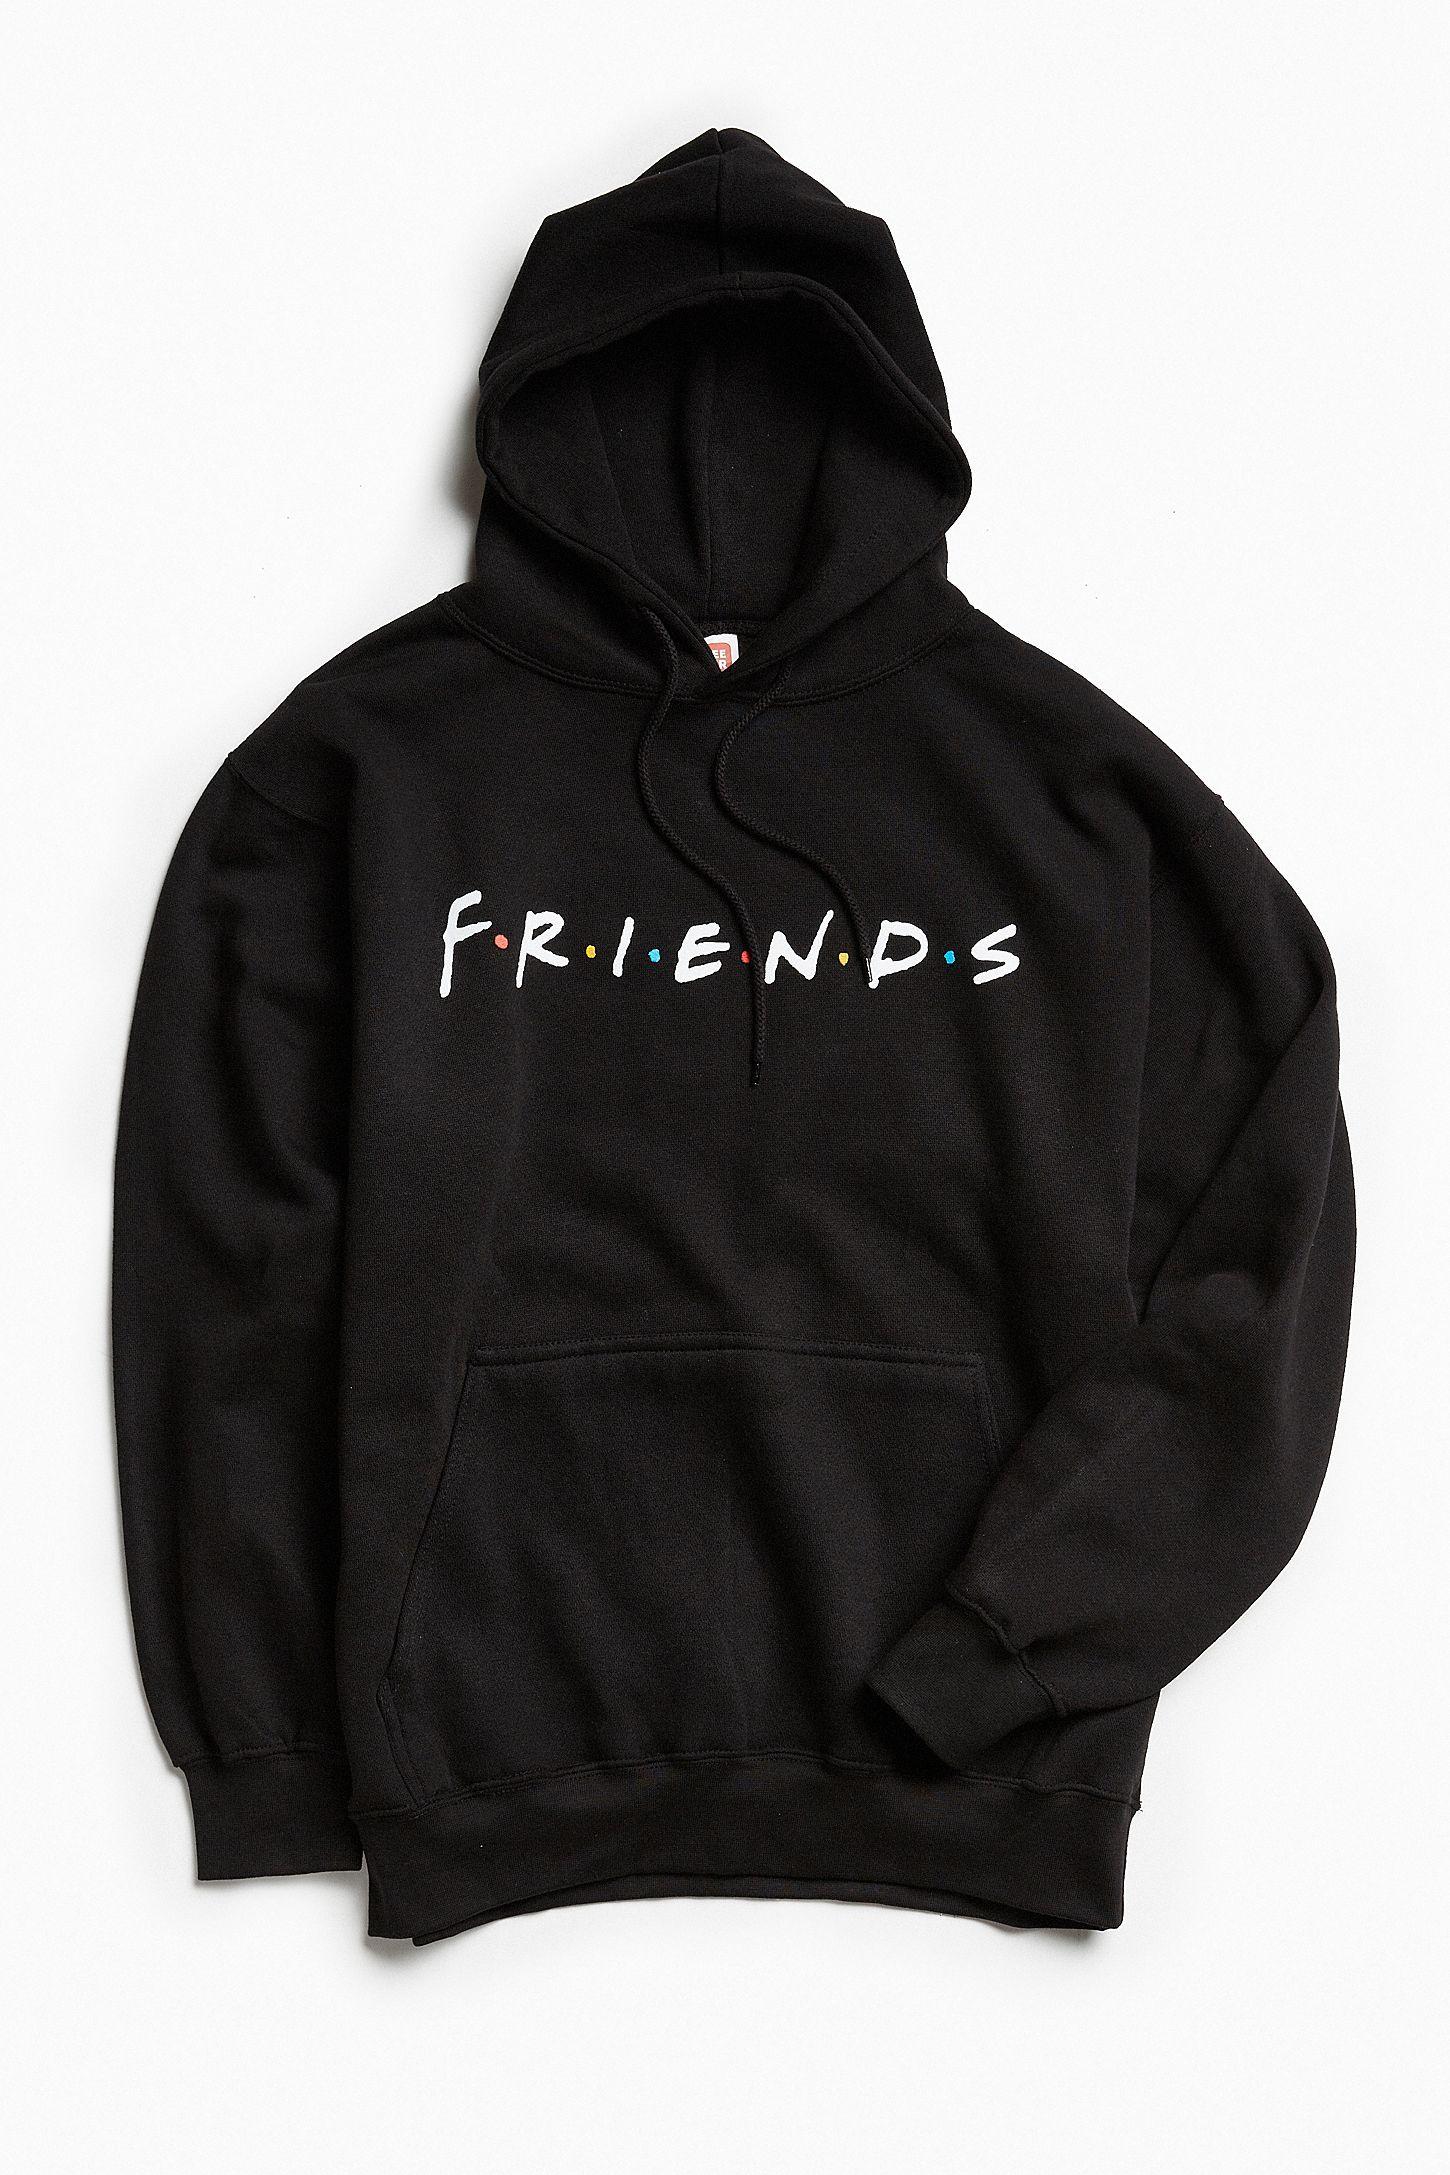 Friends Hoodie Sweatshirt Hoodie Sweatshirts Outfit Trendy Hoodies Sweatshirts Hoodie [ 2175 x 1450 Pixel ]